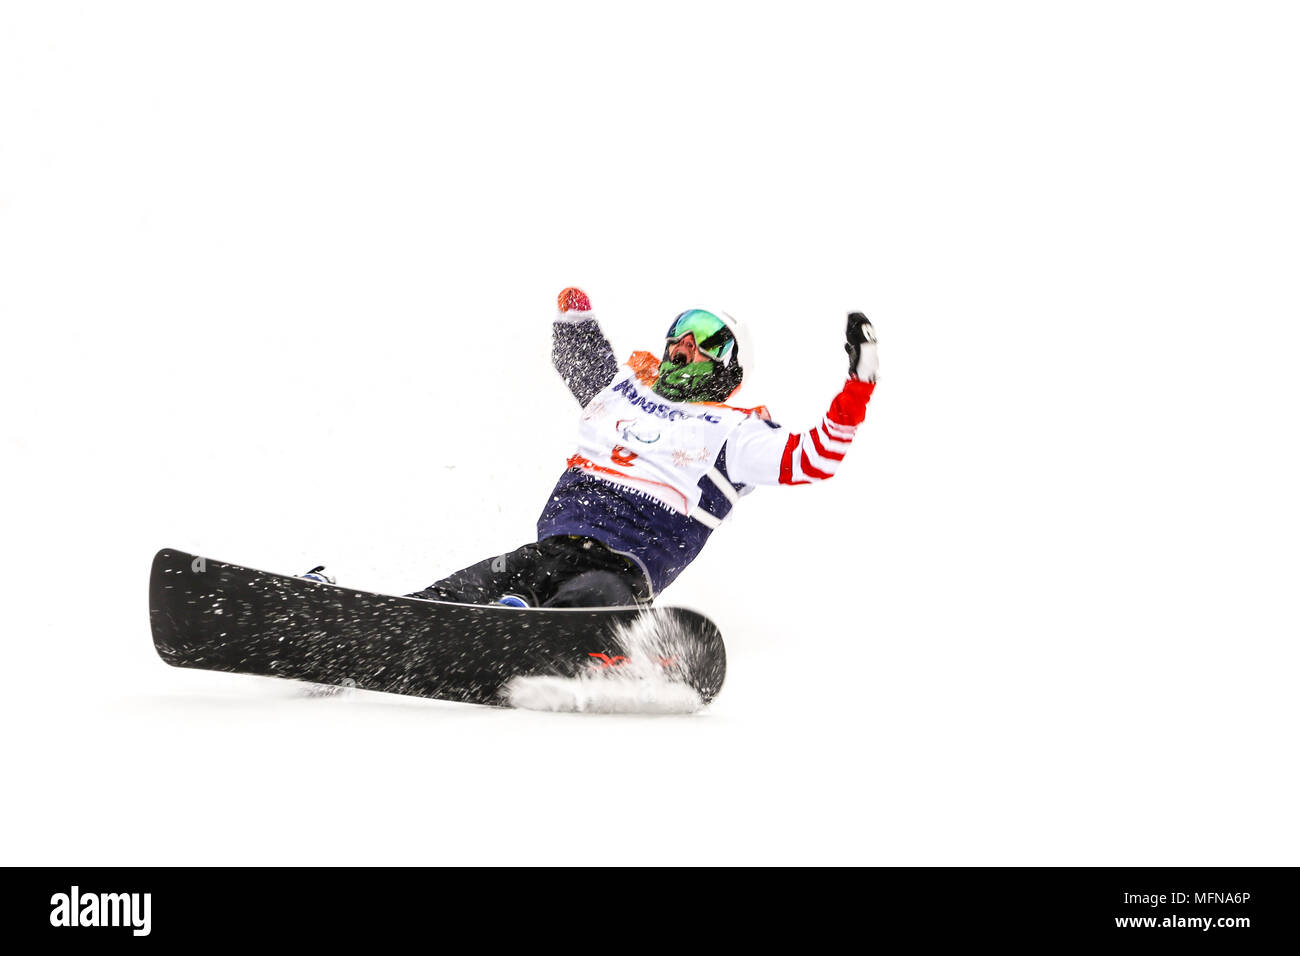 PyeongChang 2018 16th March . Para Snowboard. Team USA, Minor Mike won gold - Stock Image